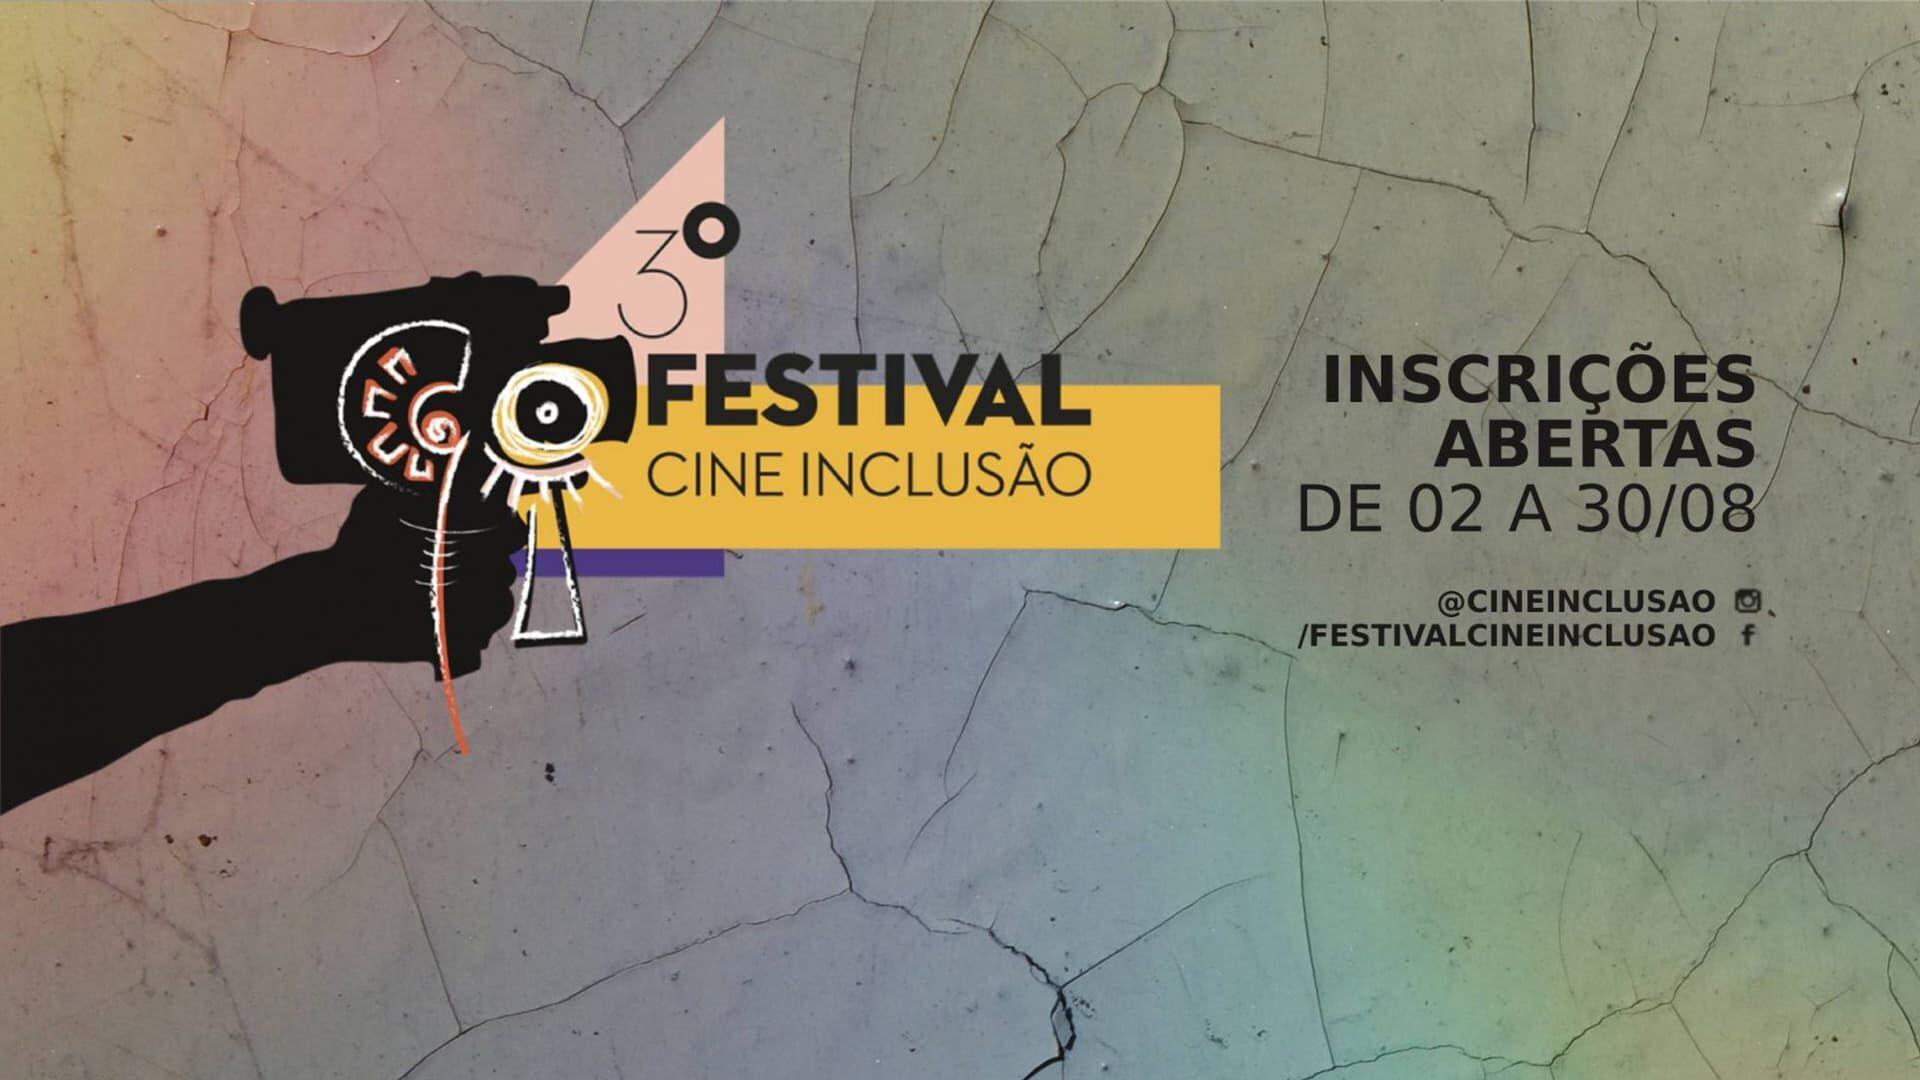 """Arte oficial ilustrando a notícia """"Festival Cine Inclusão 2021 abre inscrições de curtas-metragens"""". Descrição detalhada na legenda."""